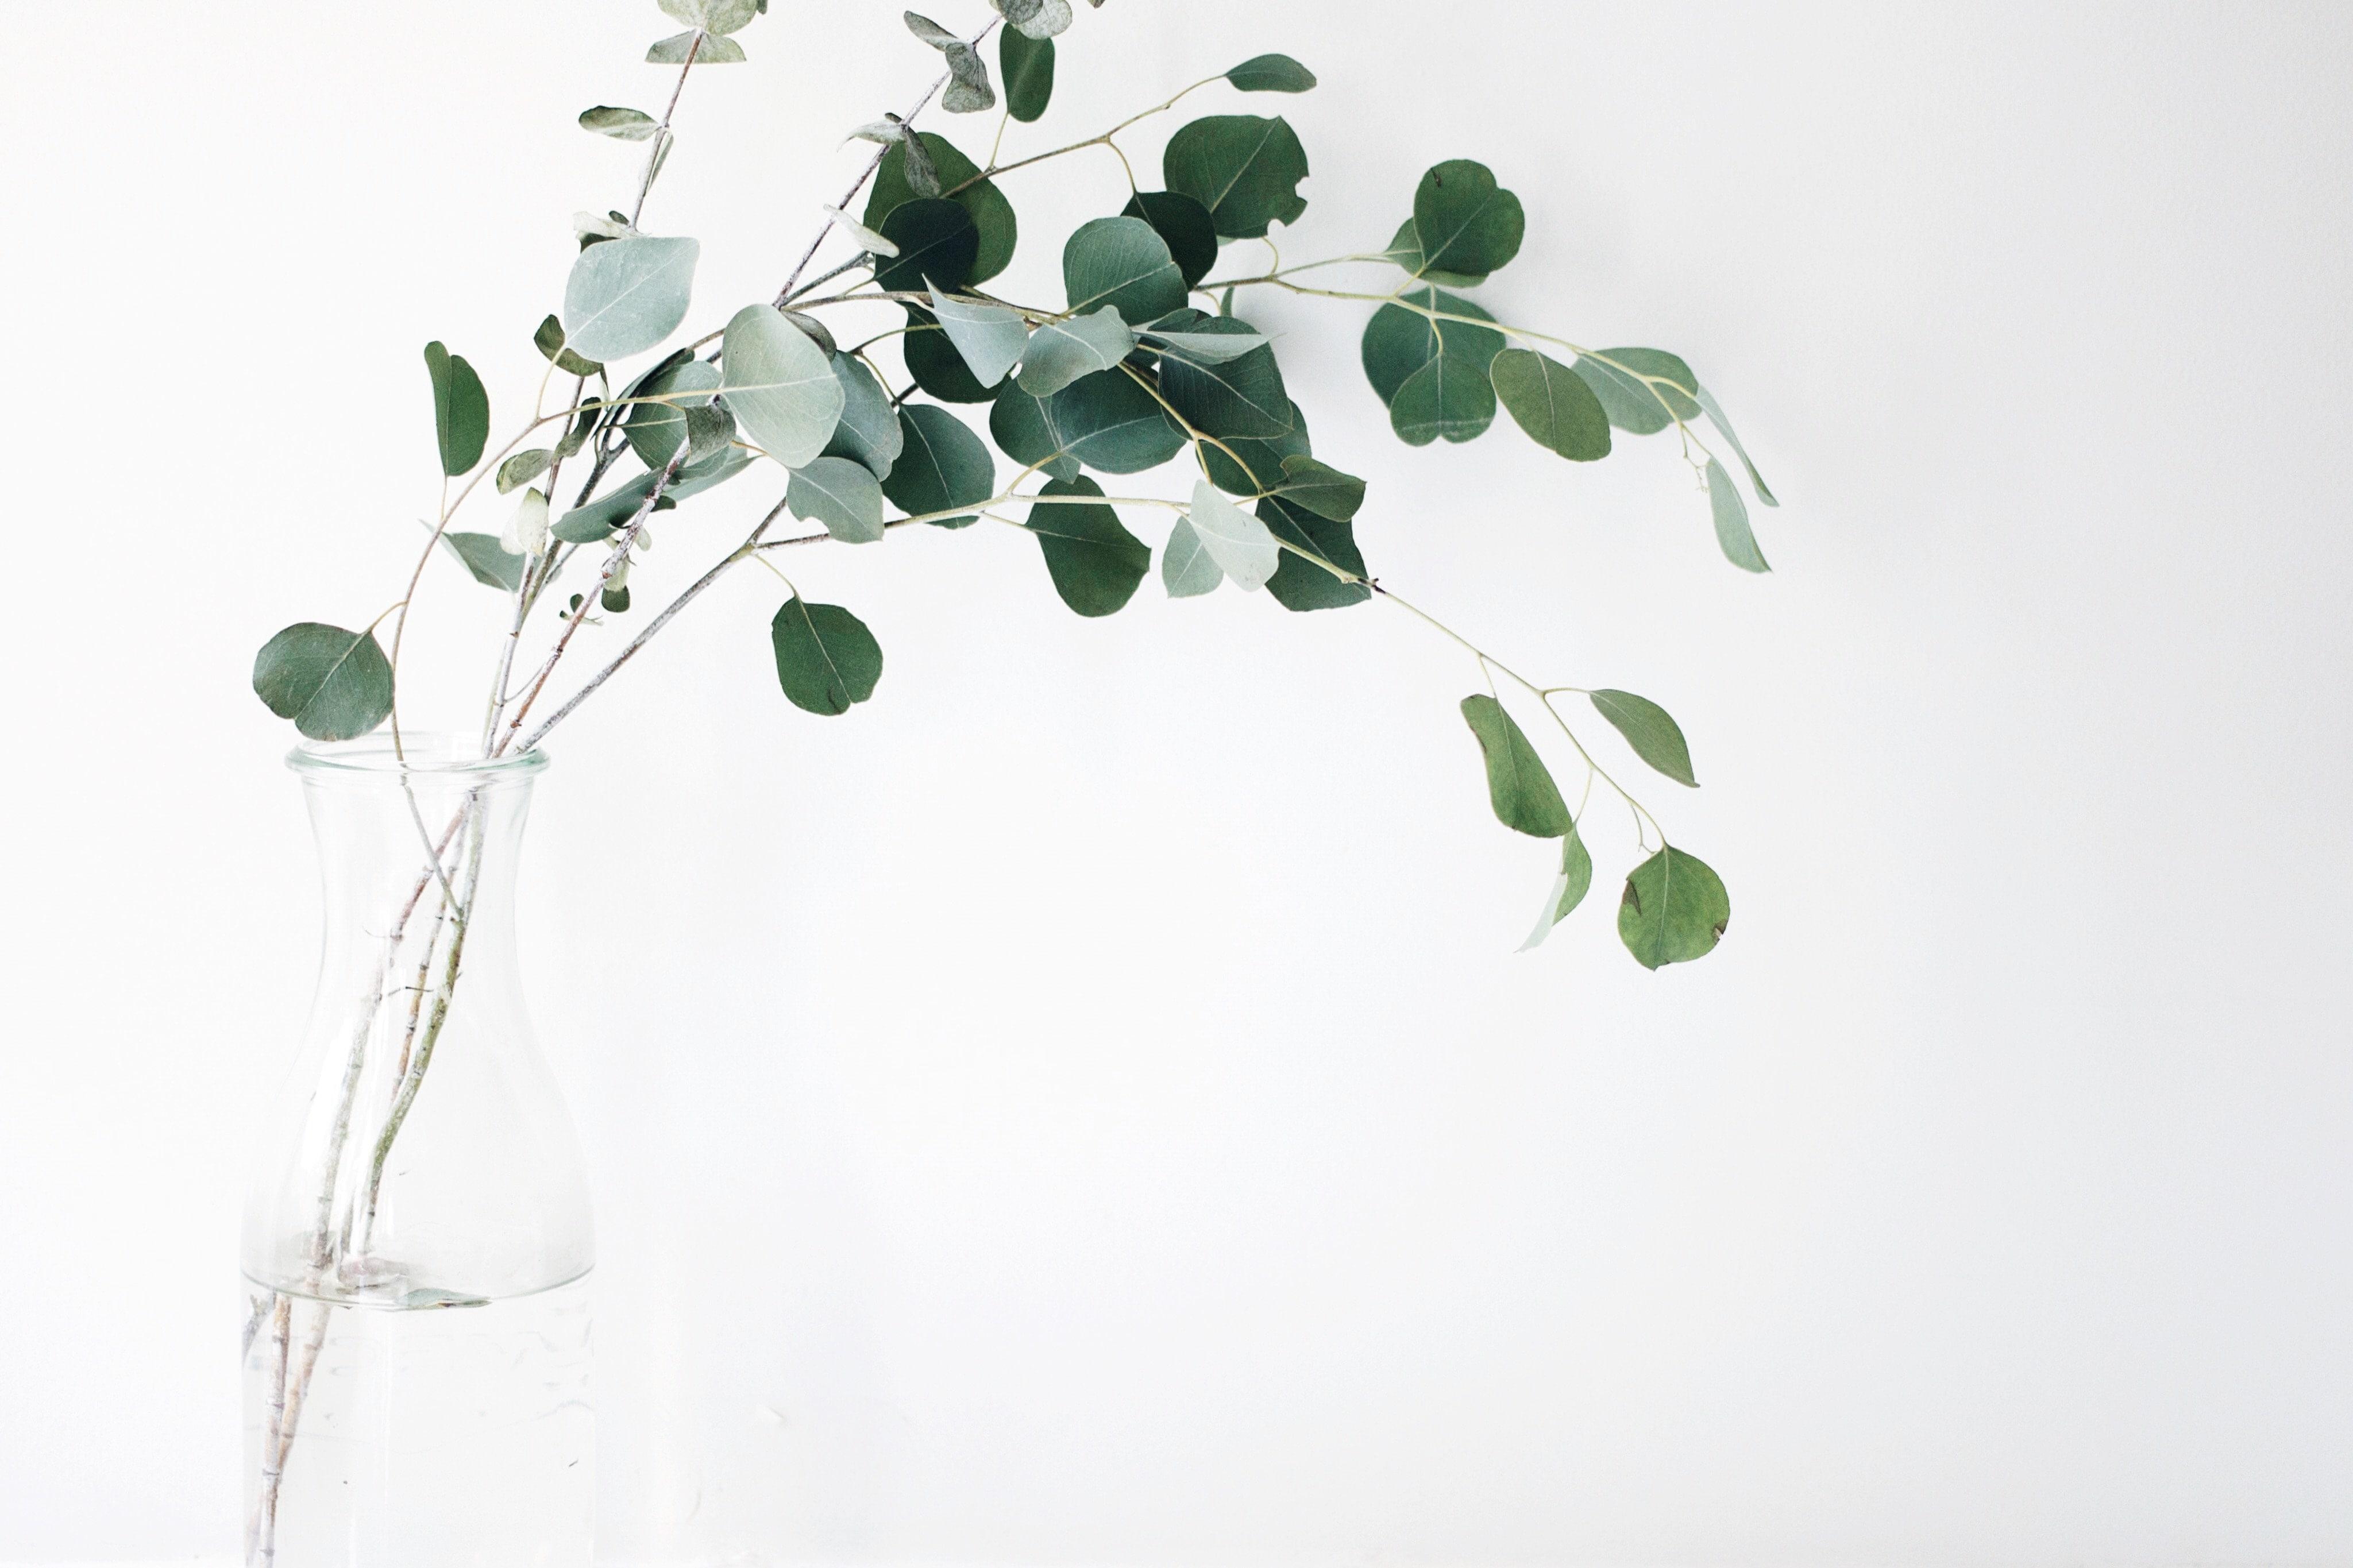 Anregende Öle: Rosmarin, Eucalyptus, Cajeput, Myrte Marokko, Zitrone & Litsea.